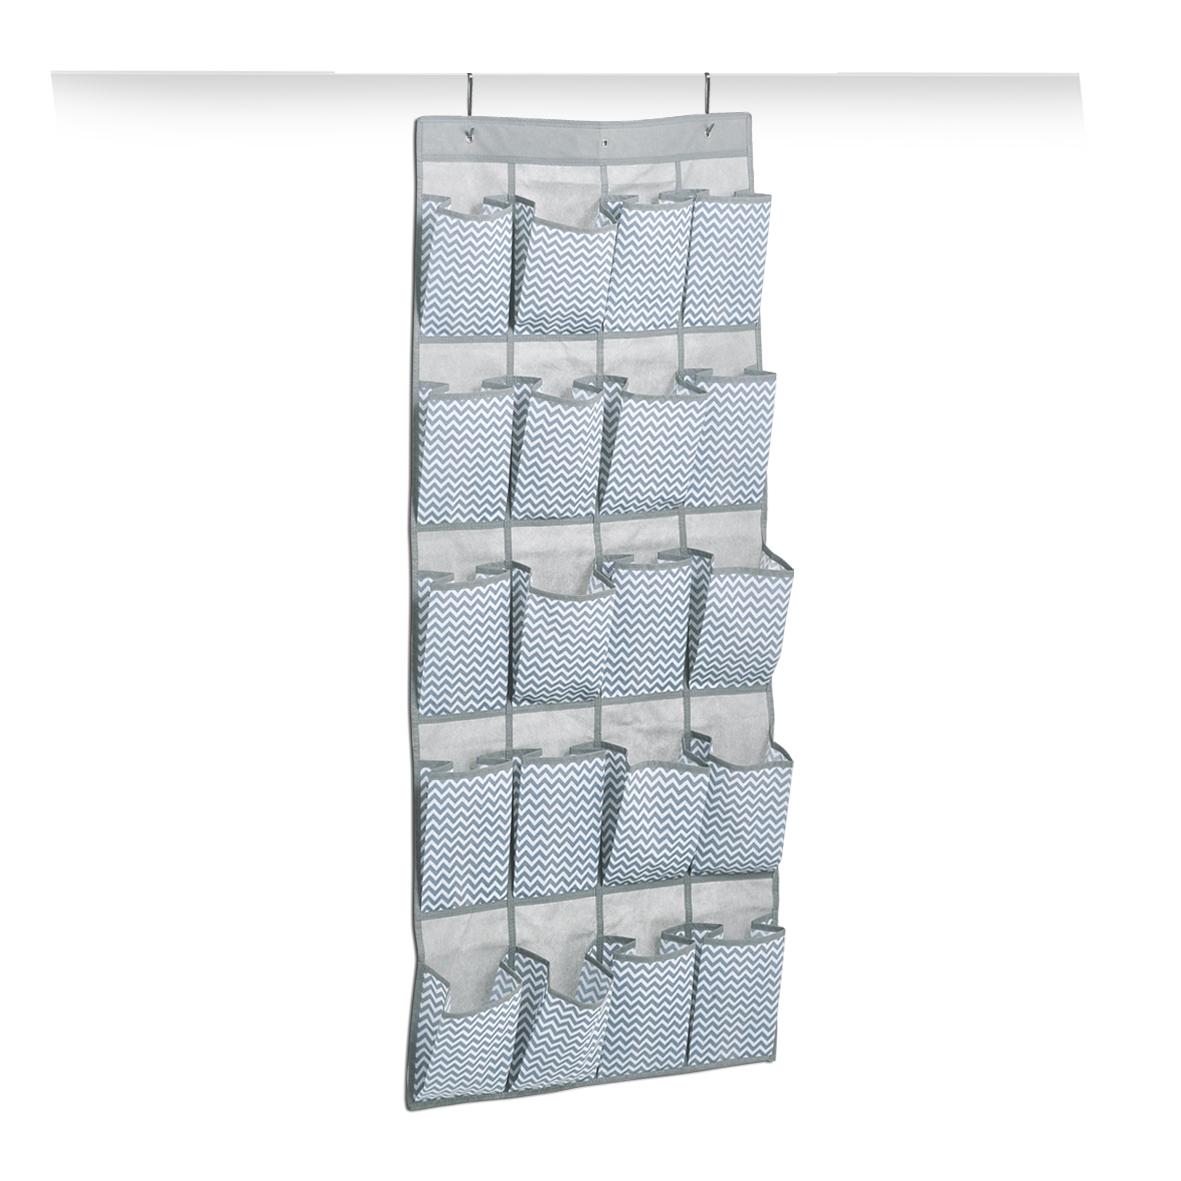 Organizator textil pentru dulap cu 20 de compartimente, Alb / Gri Zig Zag, l56xH136 cm imagine